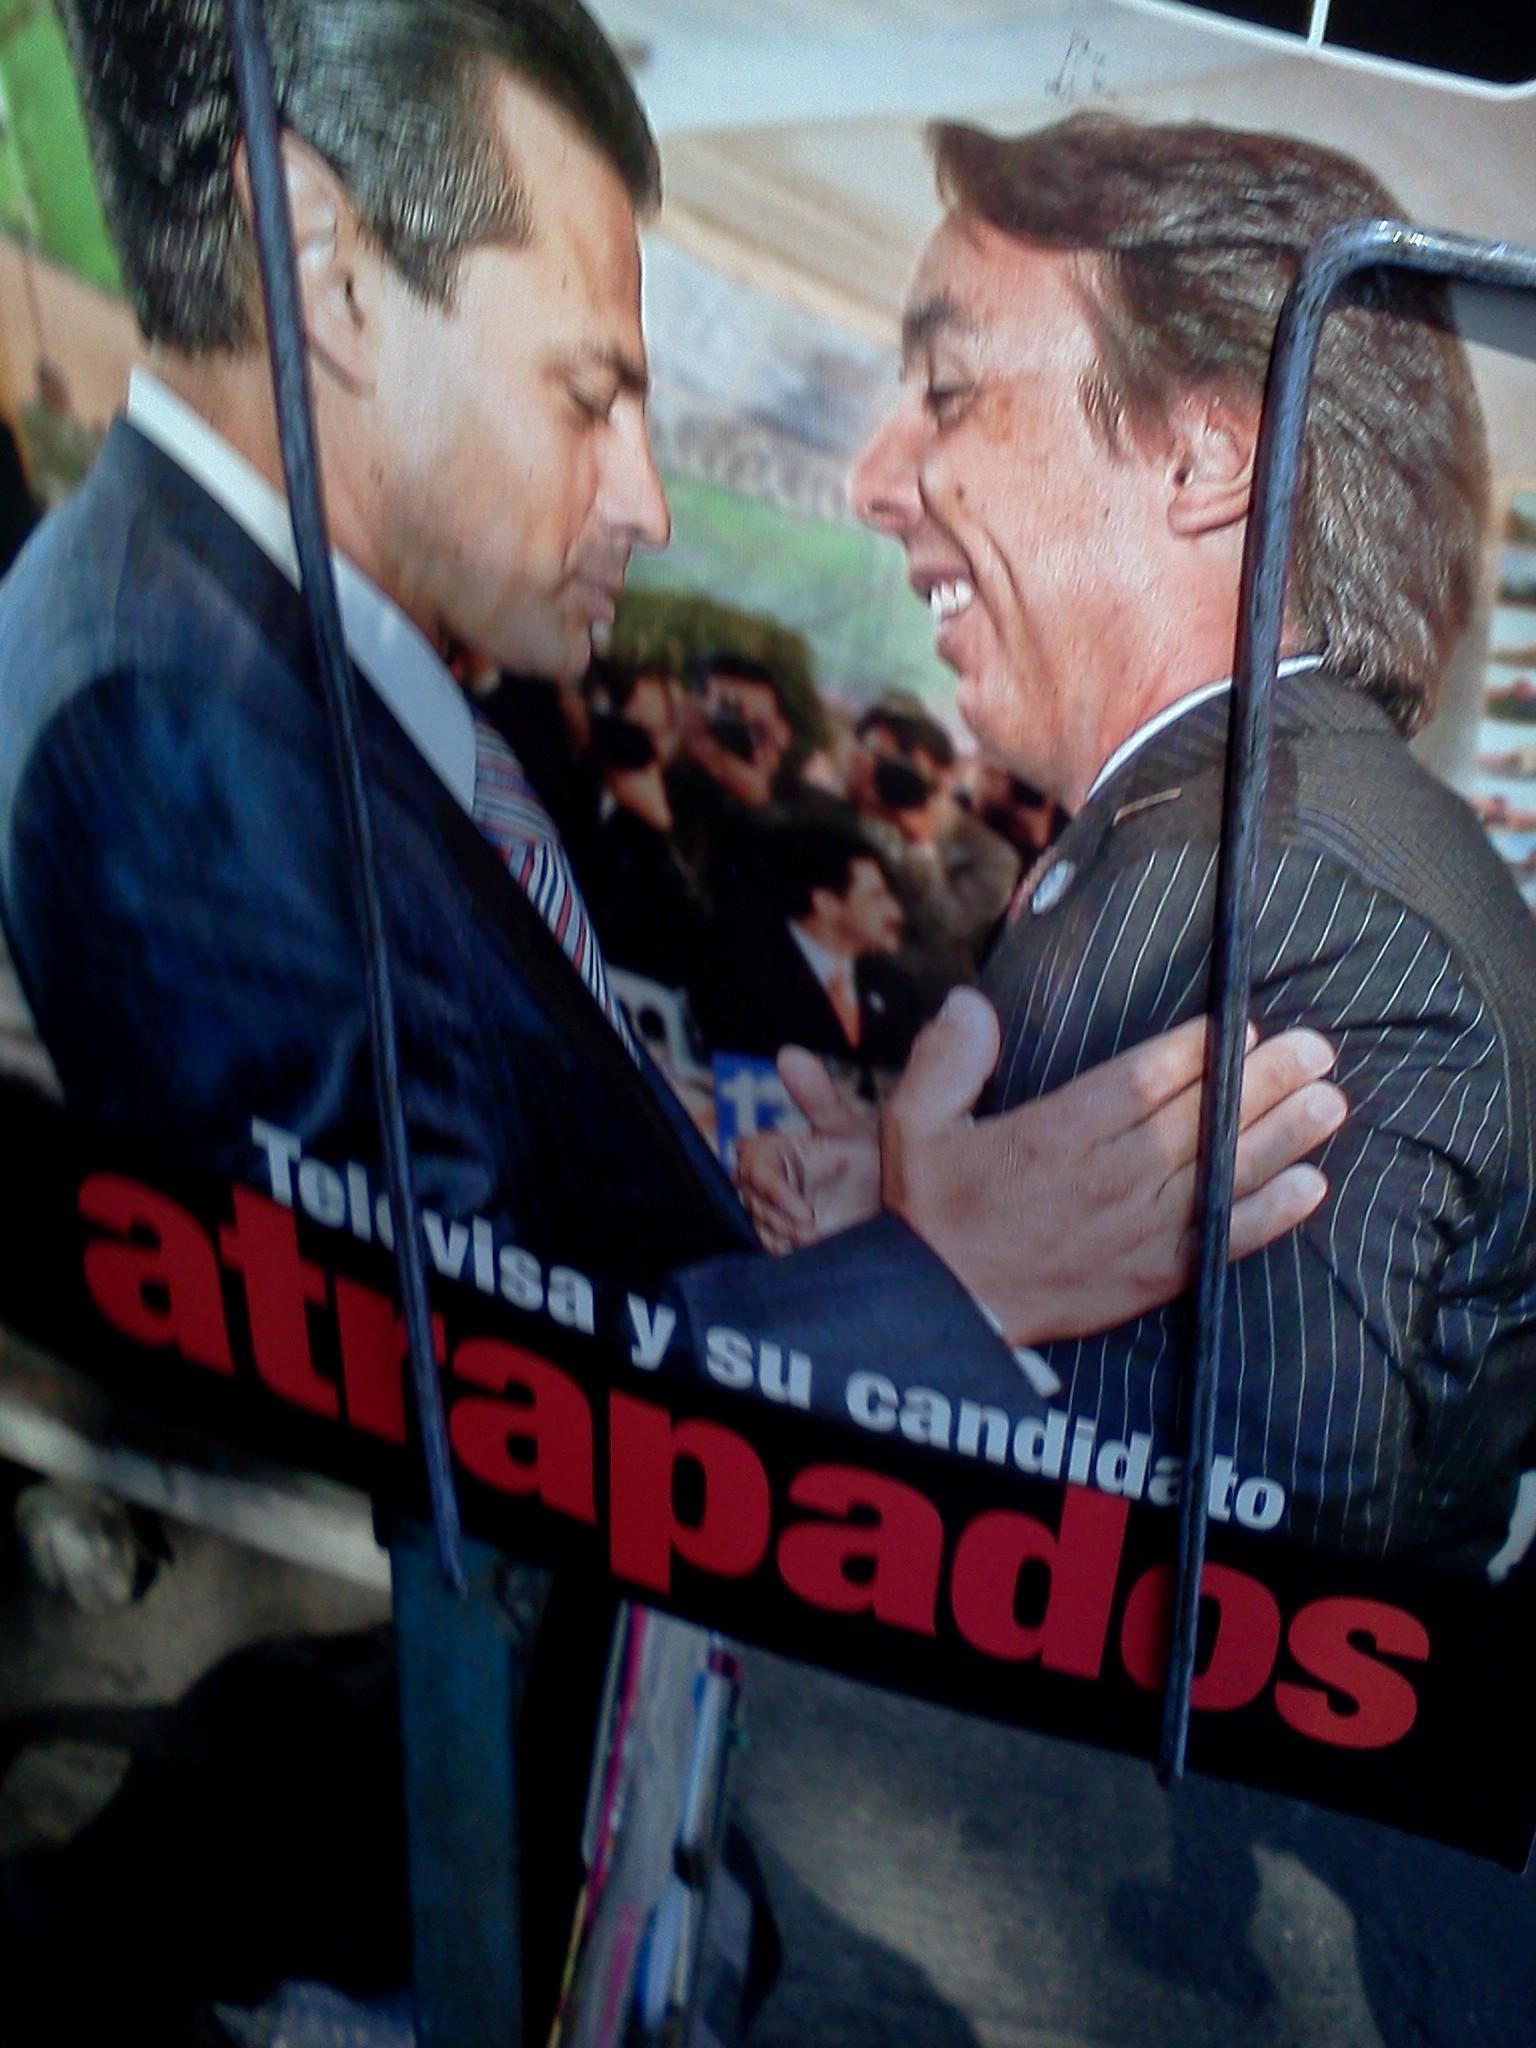 Epn=Televisa. http://t.co/2yw9M2SX